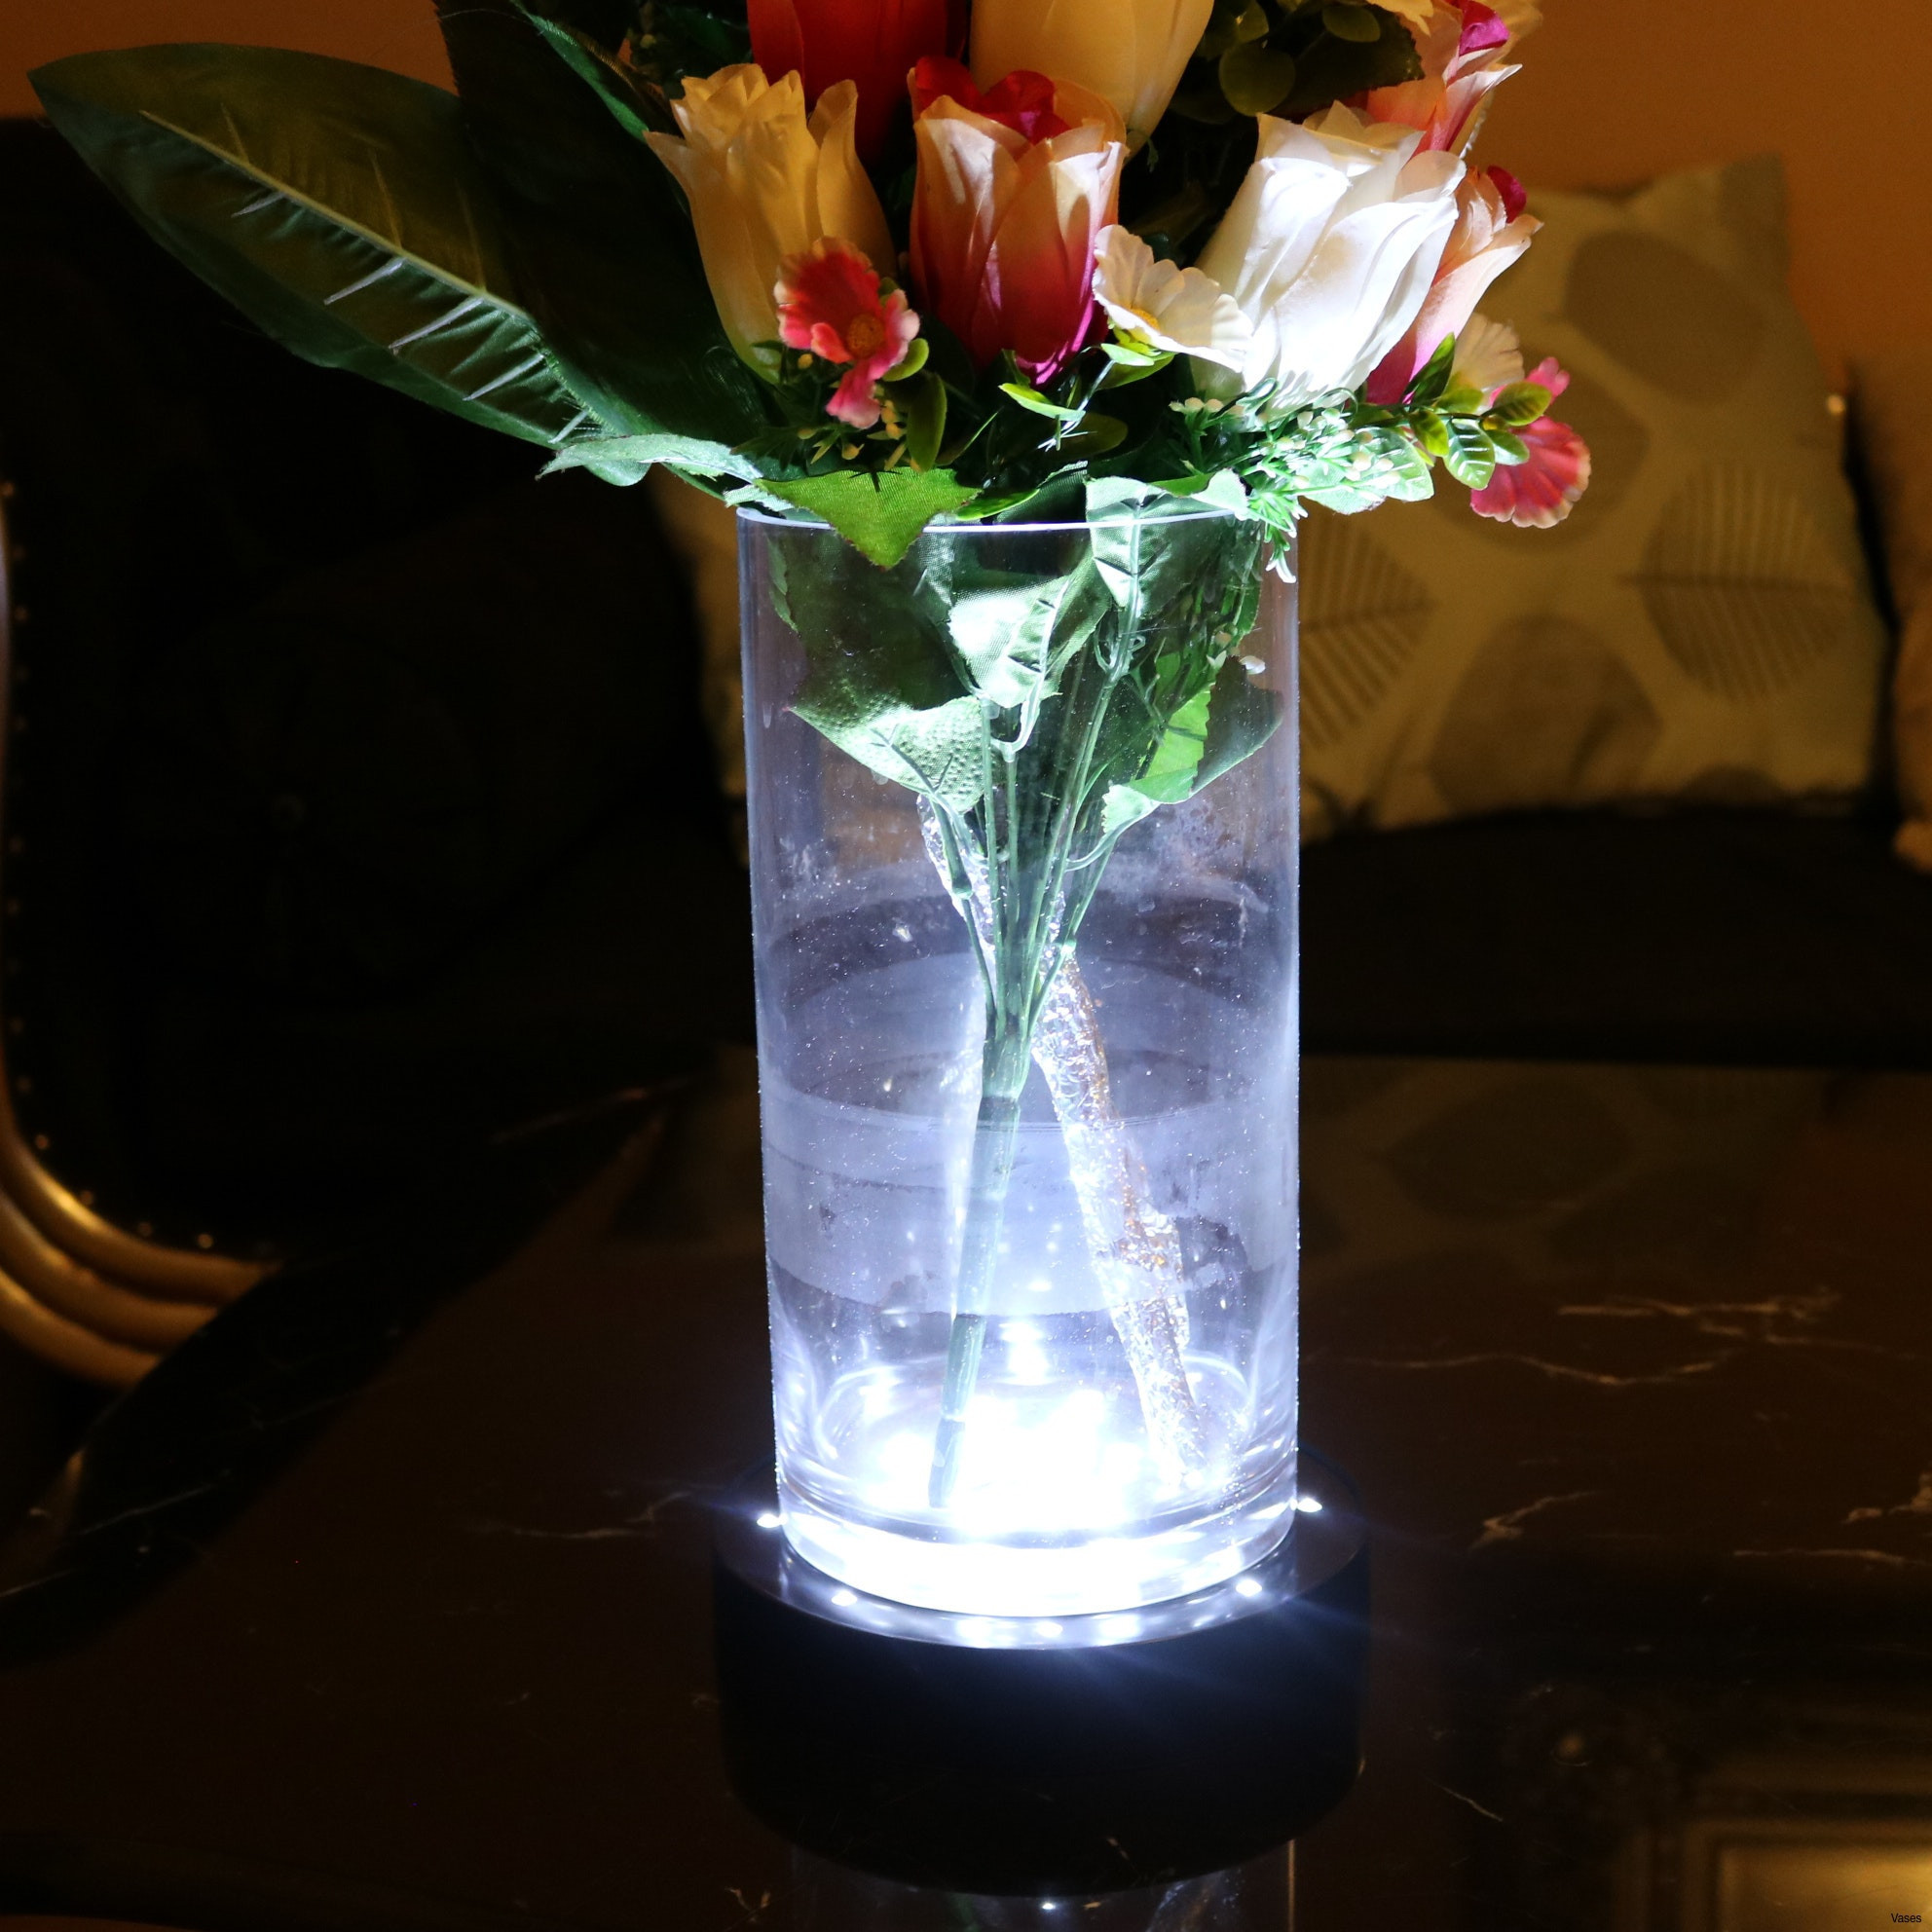 12 glass cylinder vase of gold cylinder vases photos 12 inch glass vases cheap glass vases 12 regarding gold cylinder vases image vases disposable plastic single cheap flower rose vasei 0d d